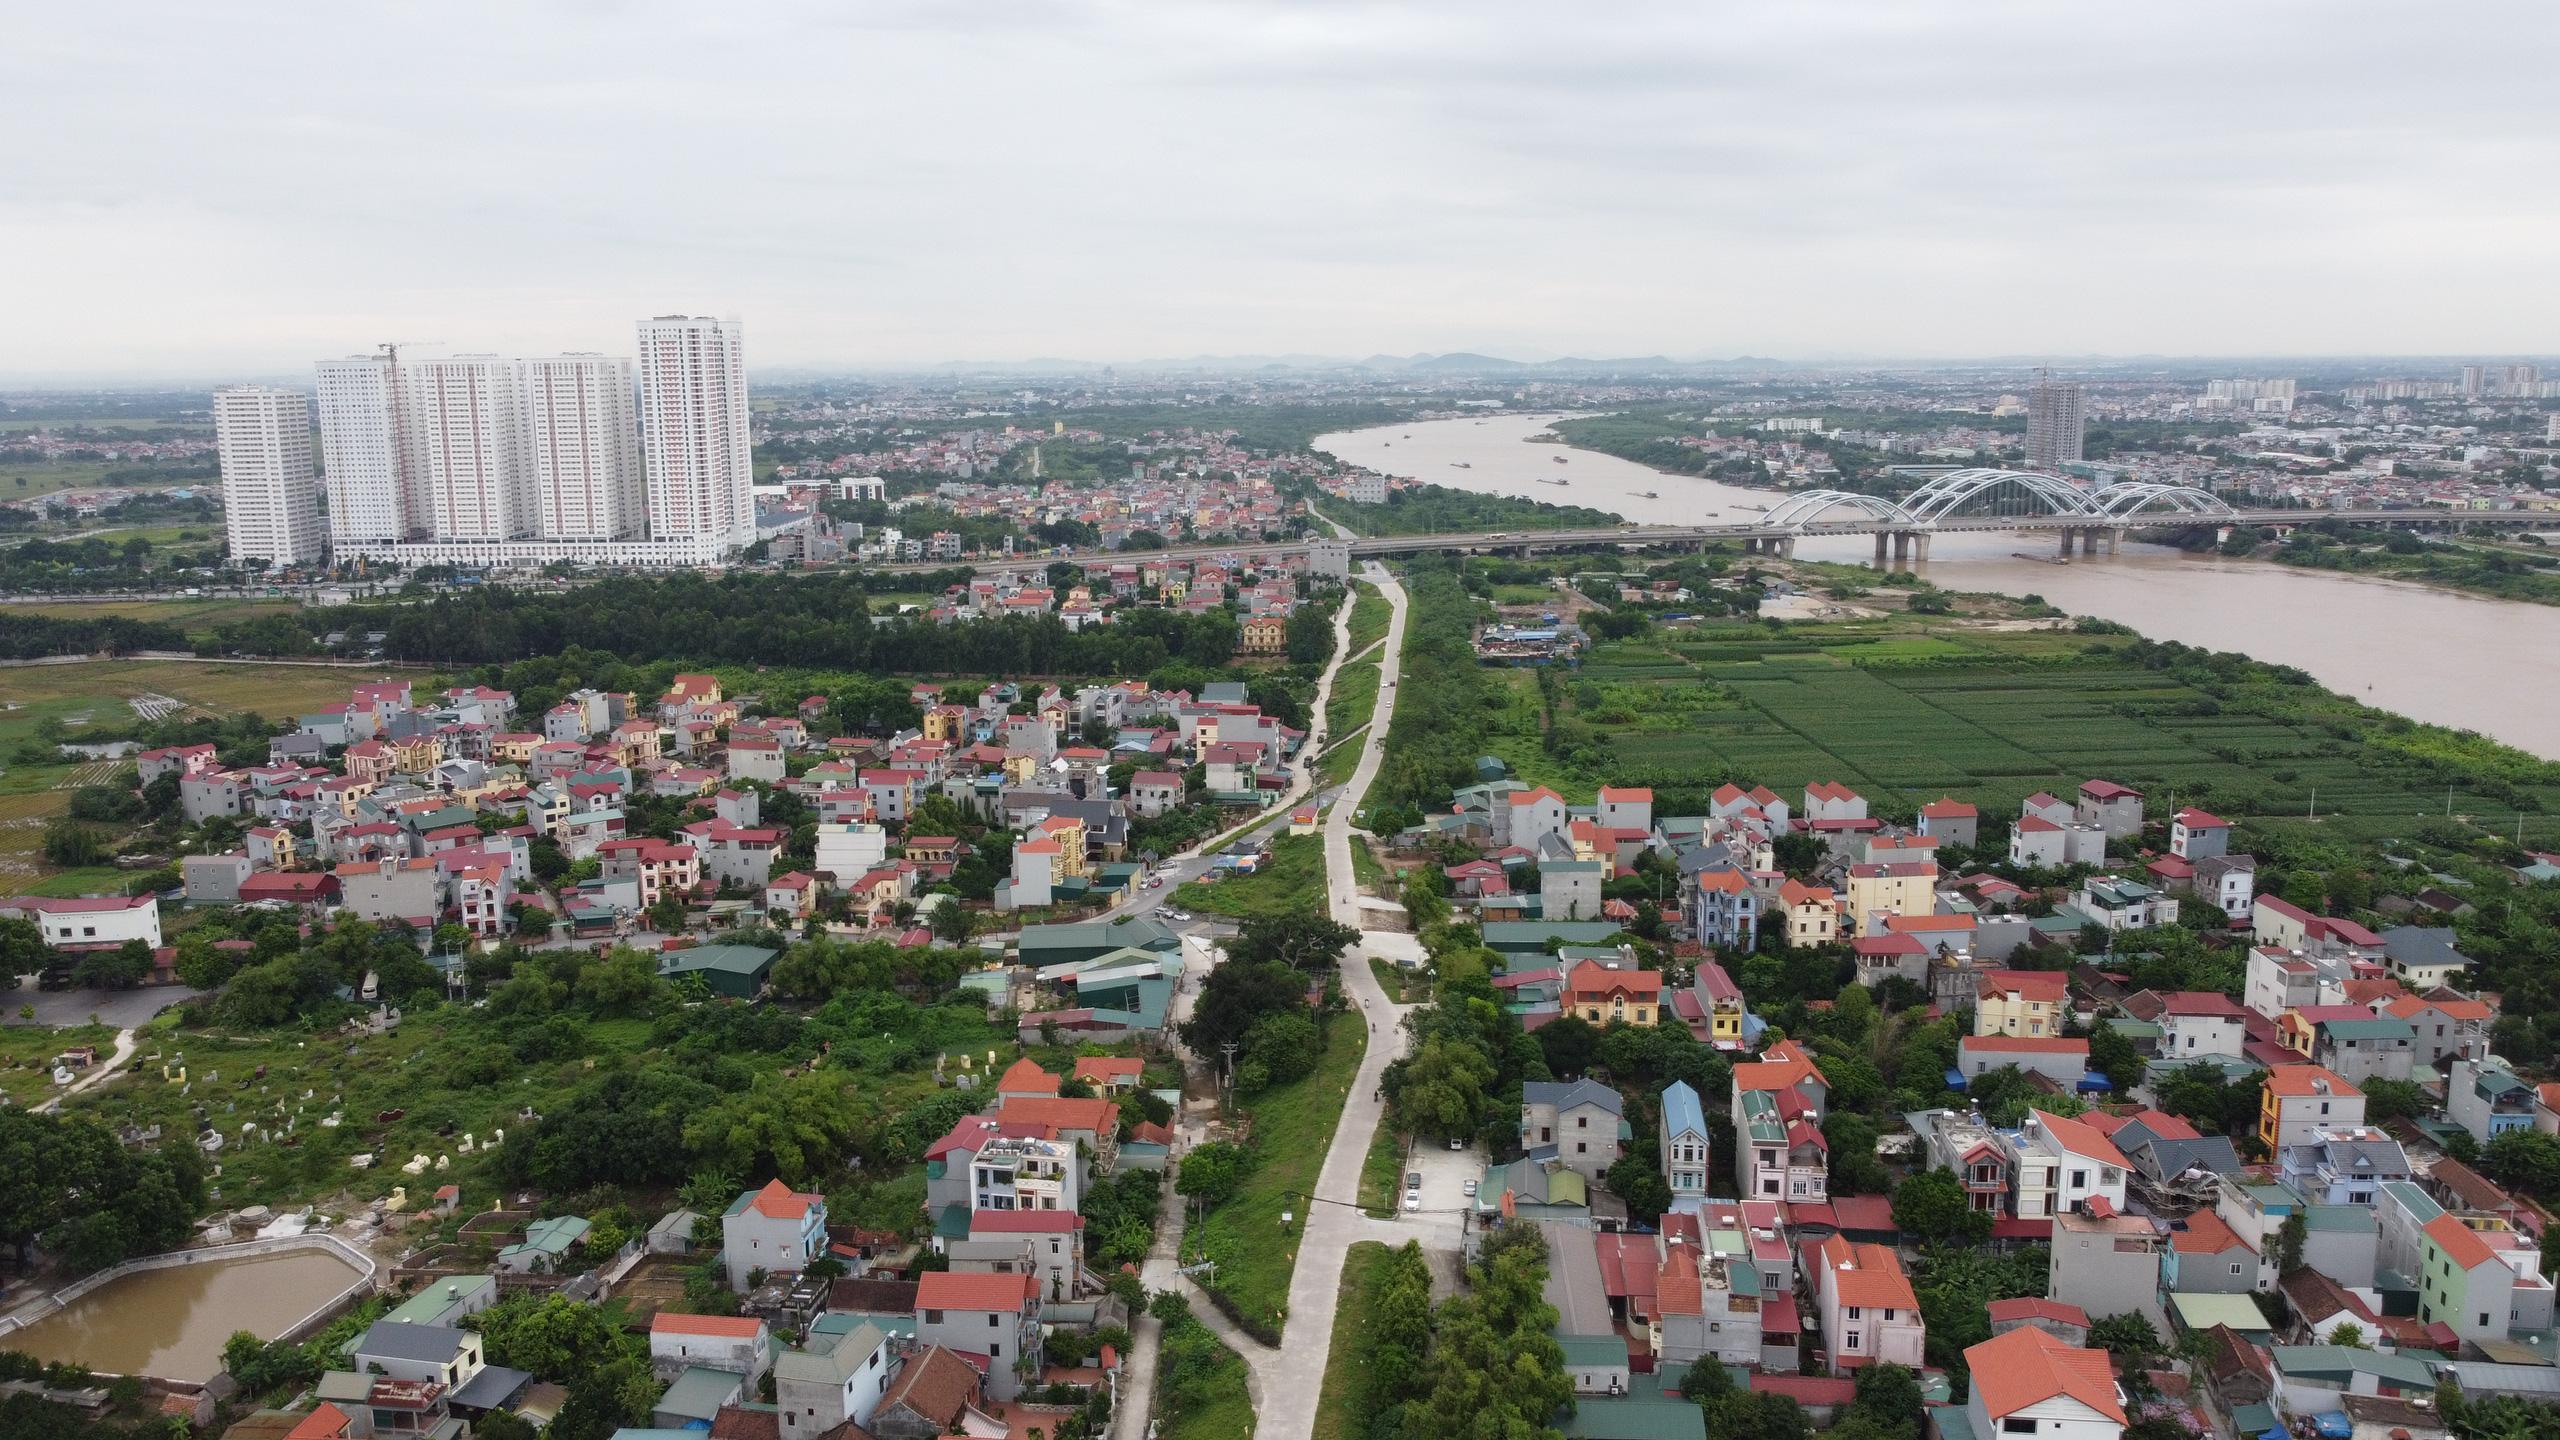 Giá đất Hoài Đức, Đông Anh, Gia Lâm cao ngất ngưởng trước thềm lên quận - Ảnh 1.